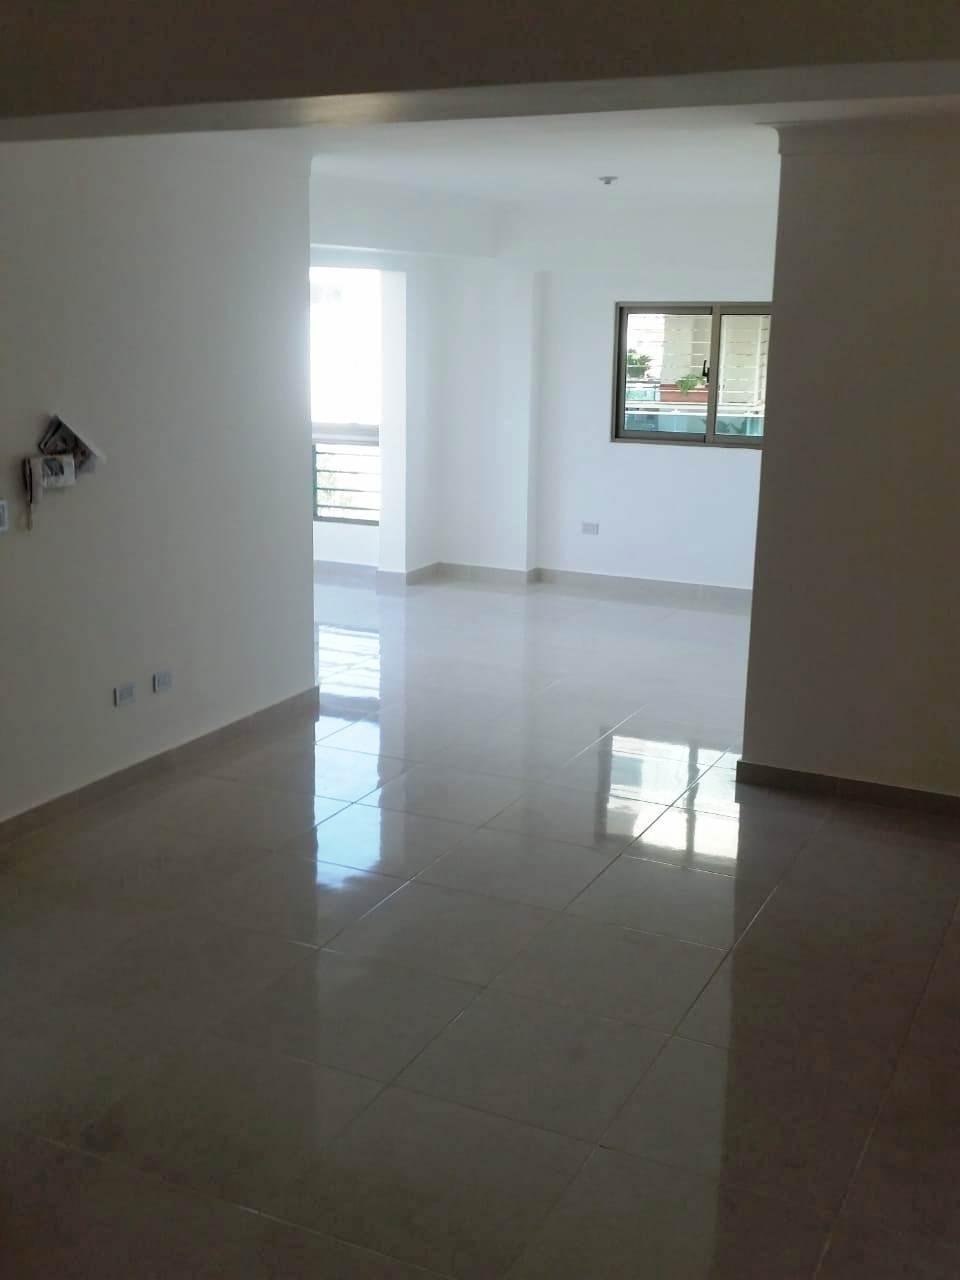 Apartamento en venta en el sector EL MILLÓN precio RD$ 7,950,000.00 RD$7,950,000